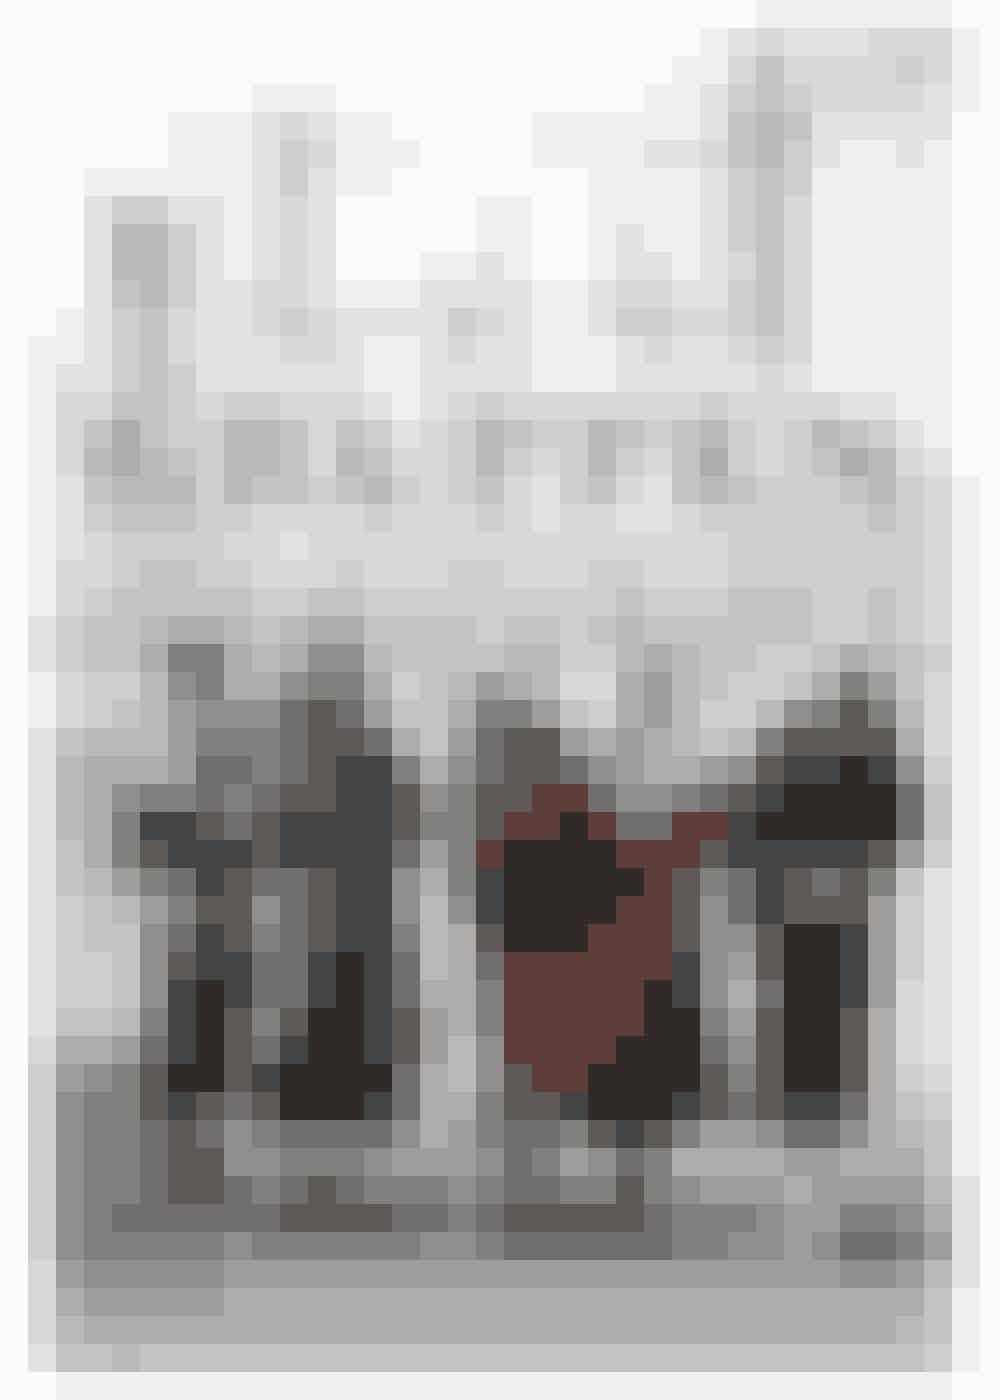 SEX AND THE CITY I 1930'ERNEDenne bog inspirerede 'Sex and the City'-forfatteren til at skrive om veninderne Carrie, Miranda, Samantha og Charlotte, menGruppenafMary McCarthyforegår, længe før Carries favoritskodesigner Manolo Blahnik overhovedet var født – i 1930'erne. Otte unge kvinder genser hinanden i New York efter studietiden, da den ene af dem skal giftes. Syv år senere samles de igen til samme kvindes begravelse. De er fulde af gåpåmod og vil leve et uafhængigt liv og realisere sig selv.Køb denHER